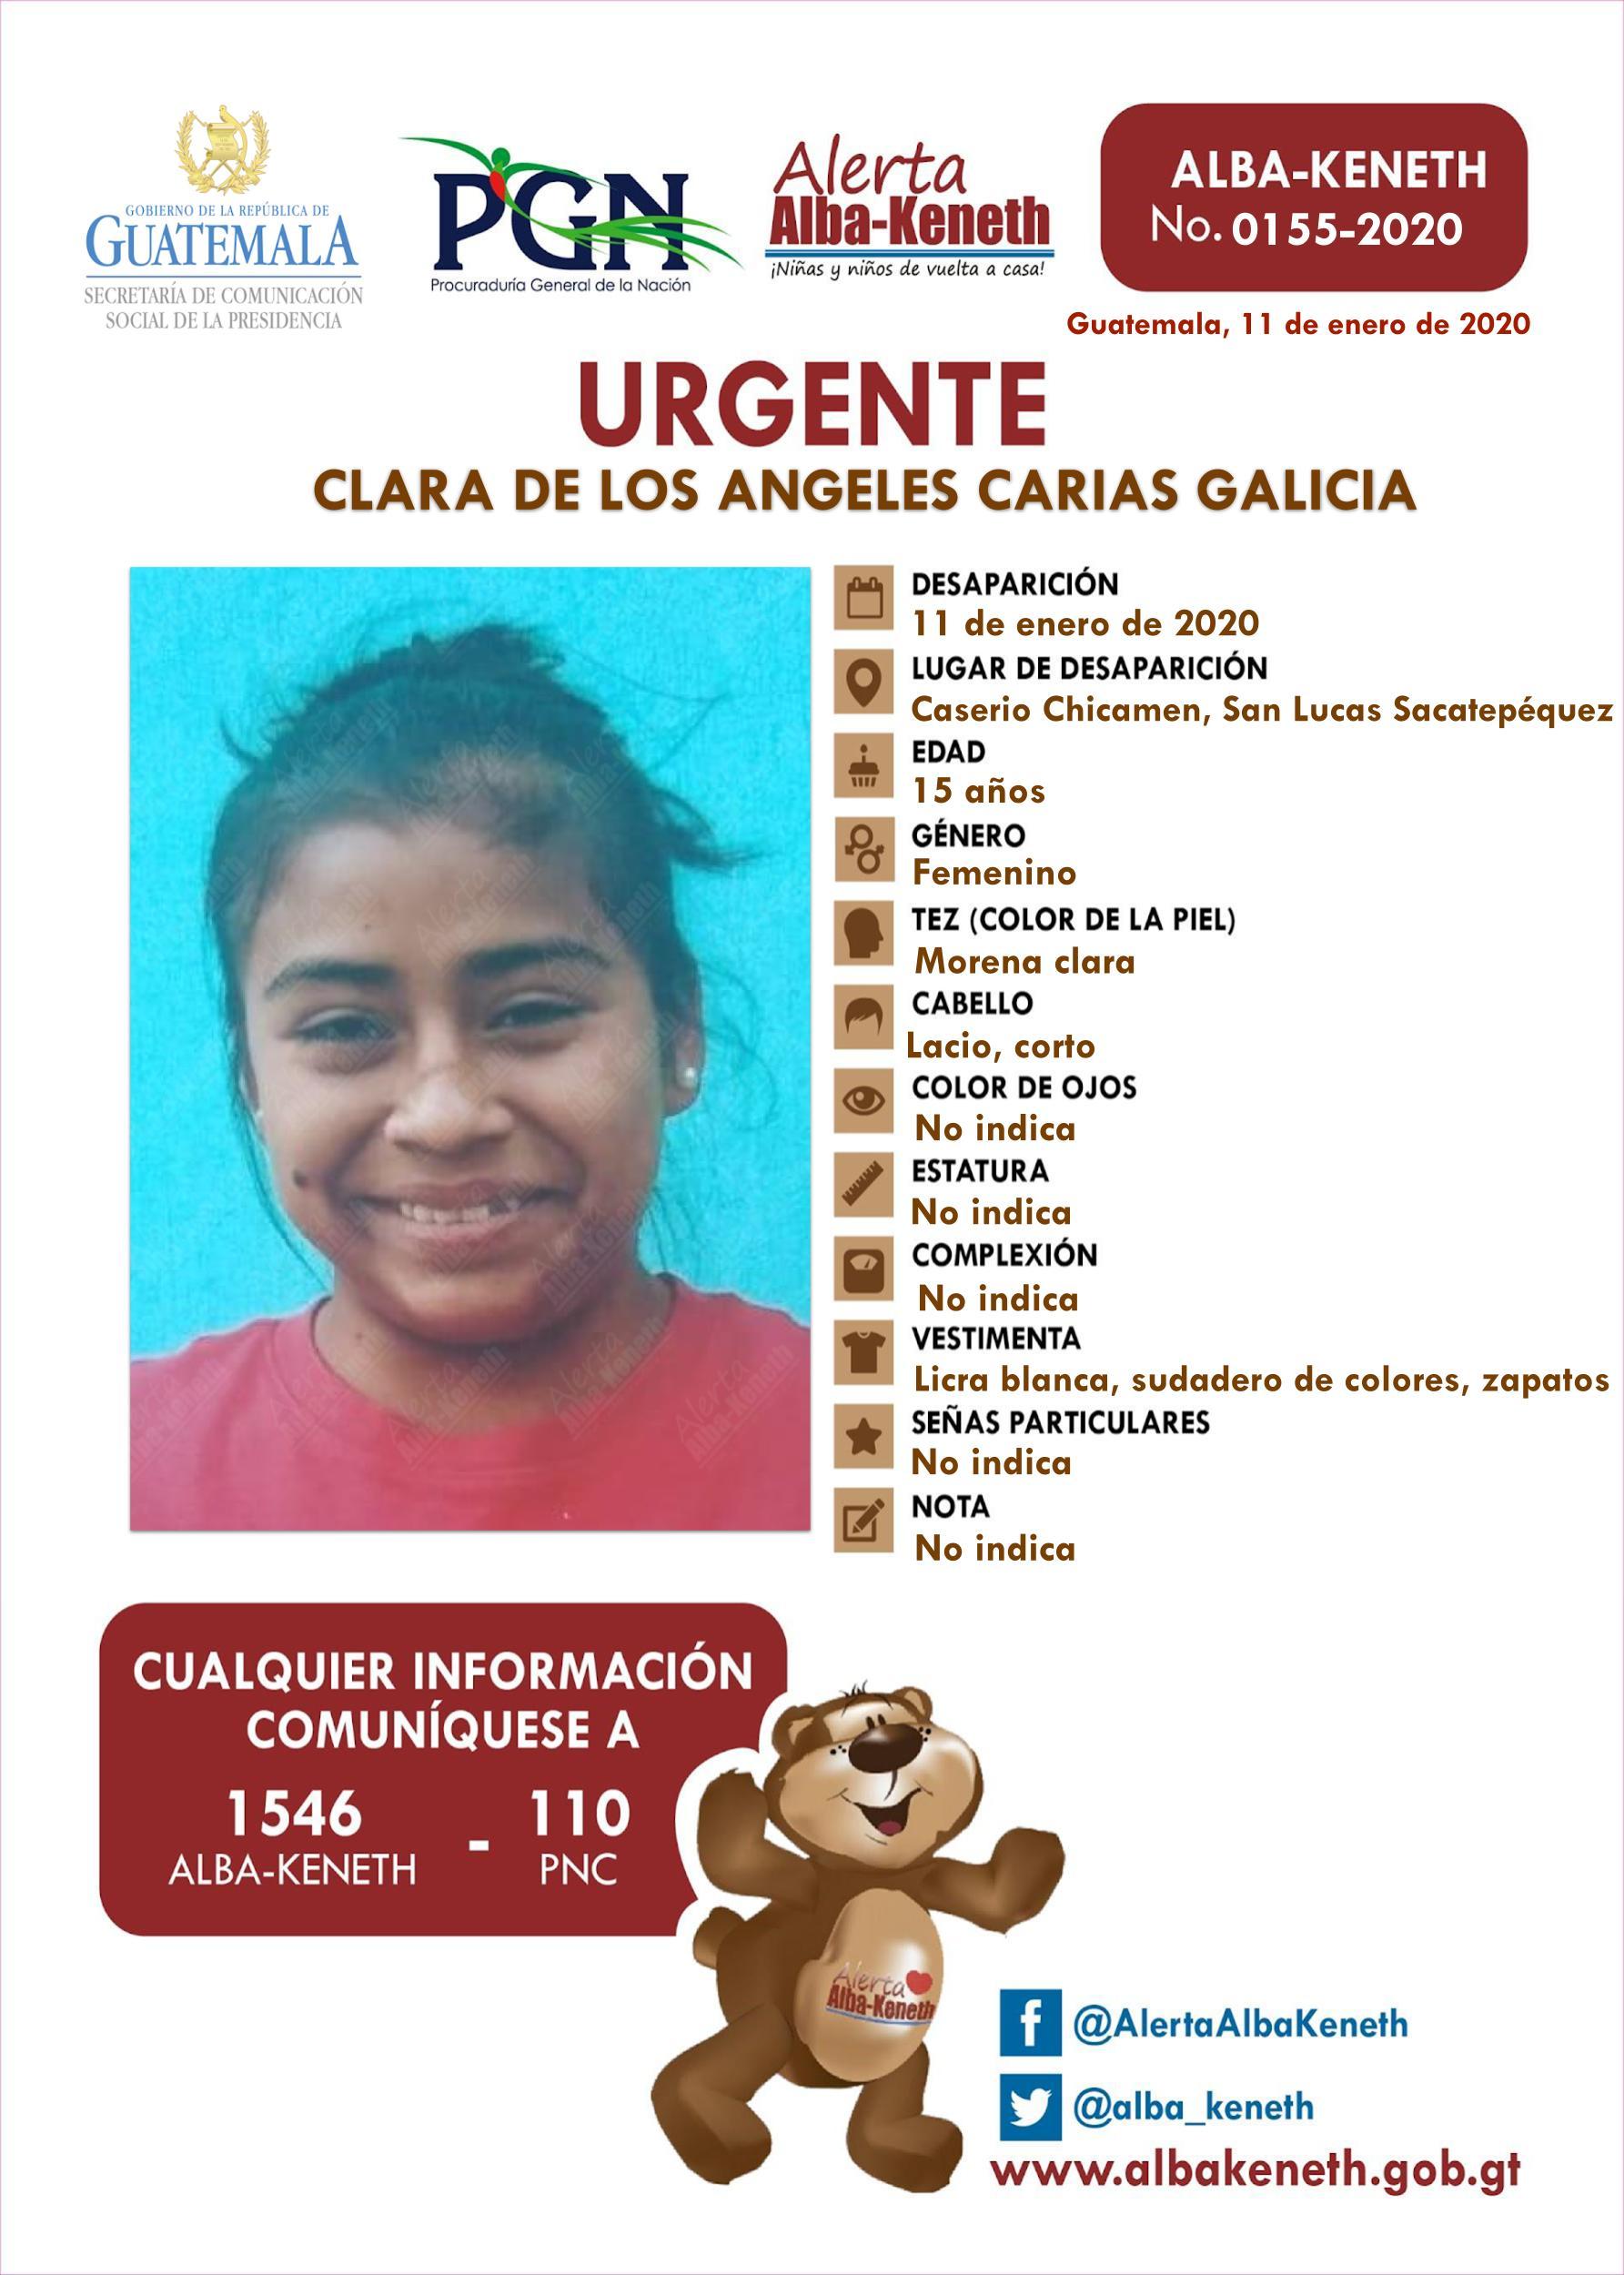 Clara de los Angeles Carias Galicia